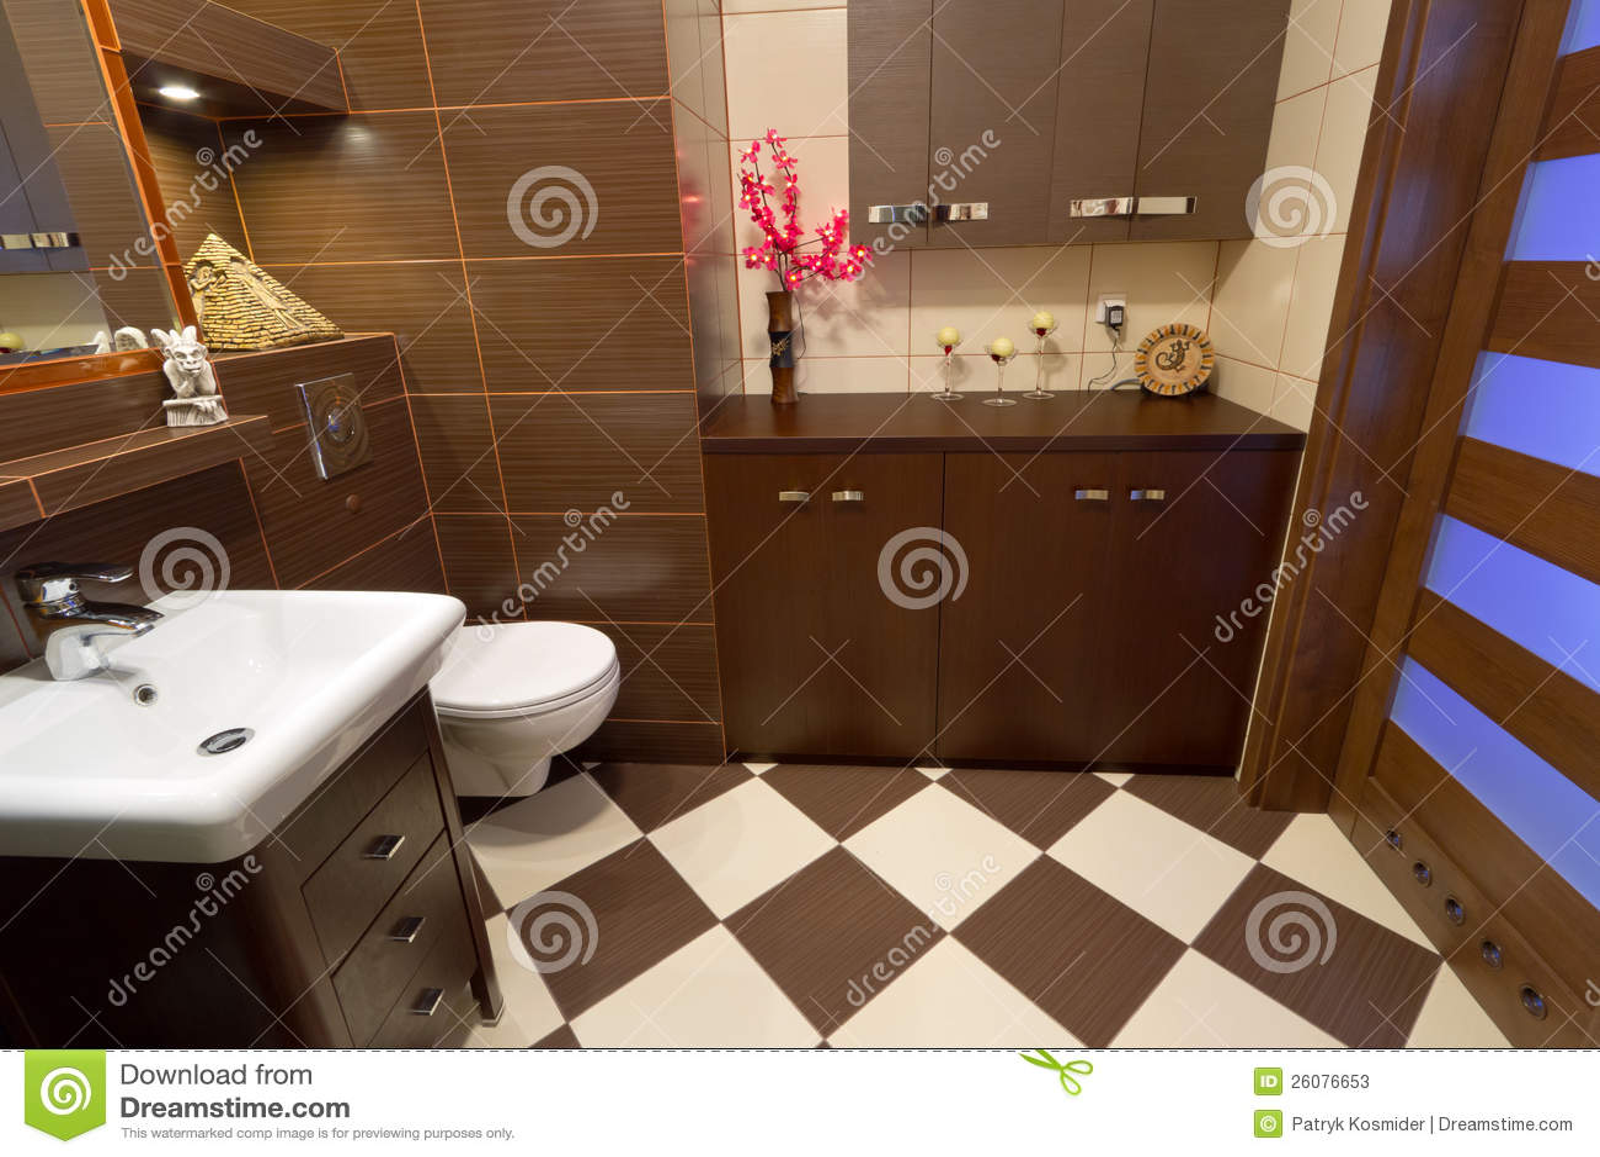 Interiore della stanza da bagno con le mattonelle marroni for Tende beige e marrone